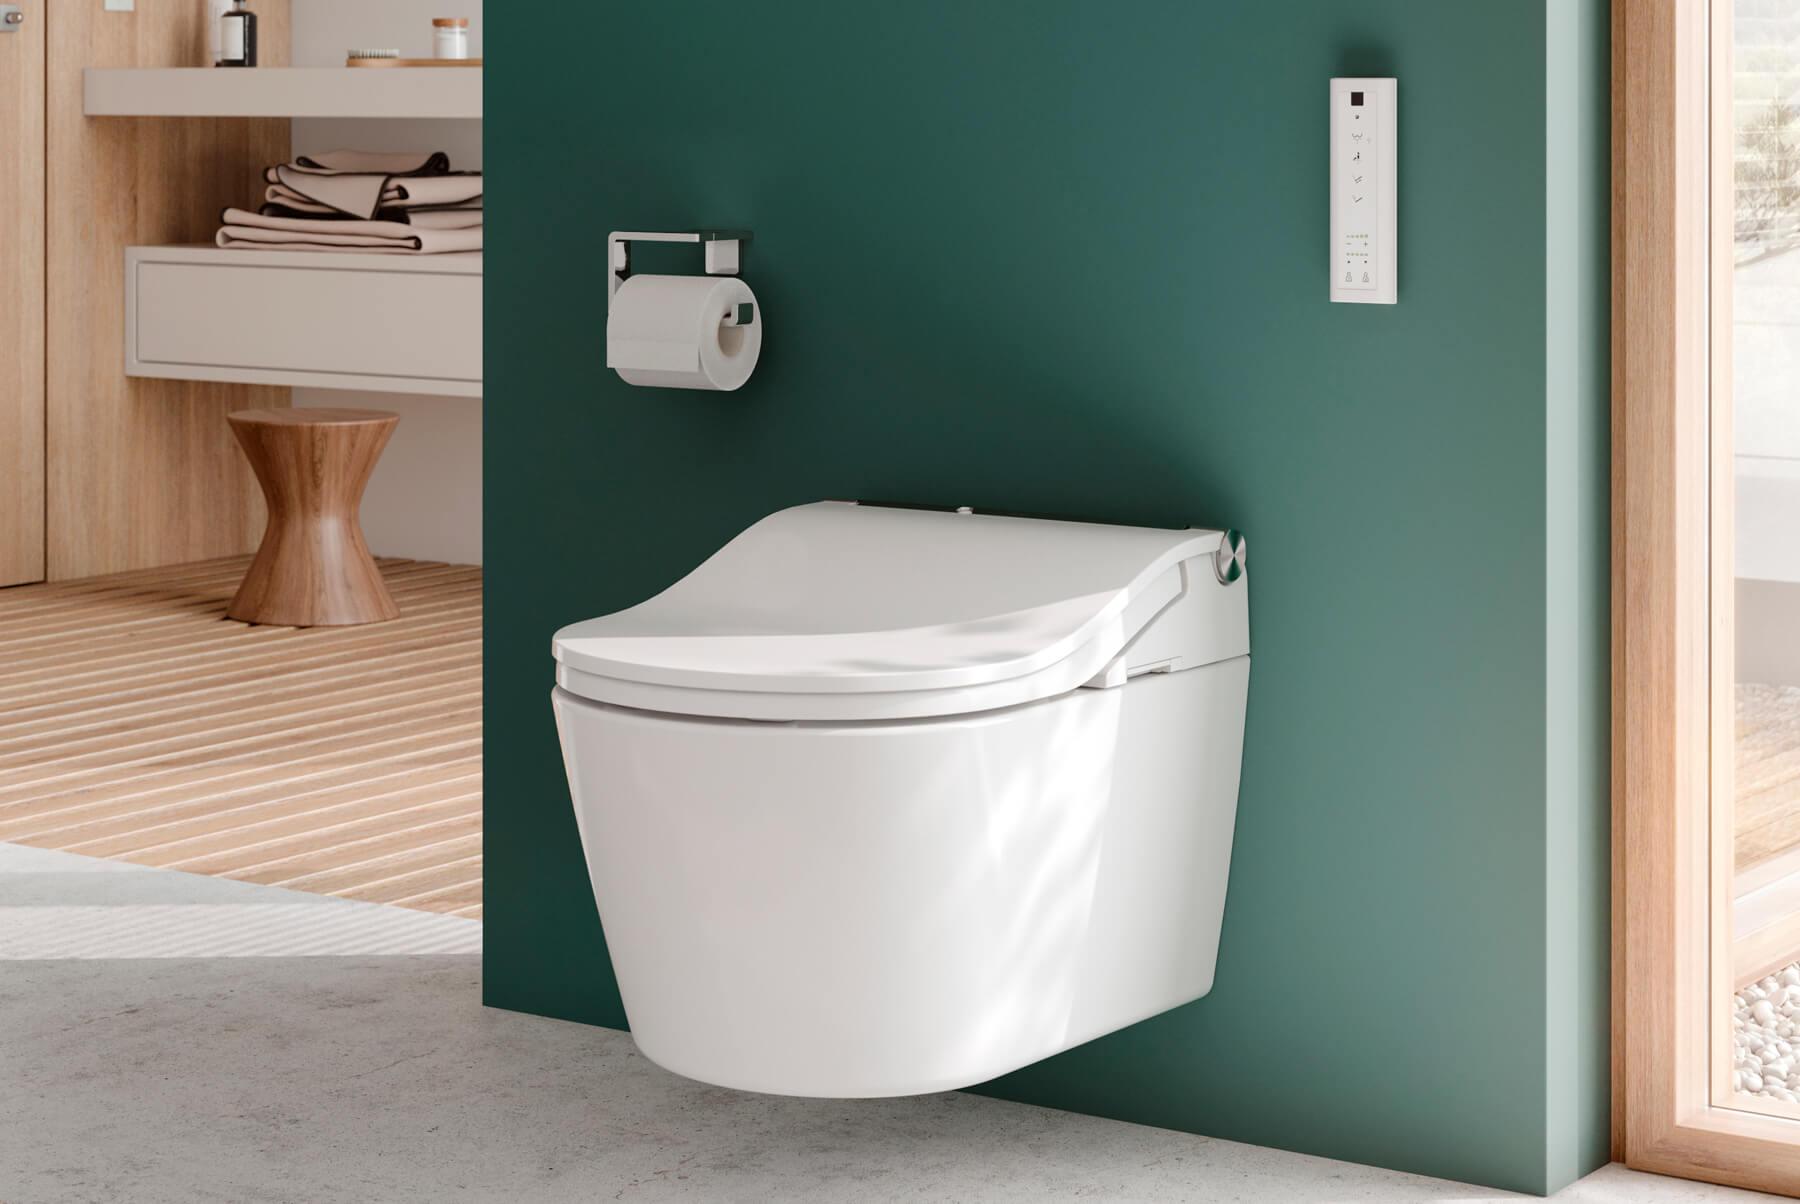 WC-&-WASHLETS-TOTO-WASHLET-INSET-3-1800x1204